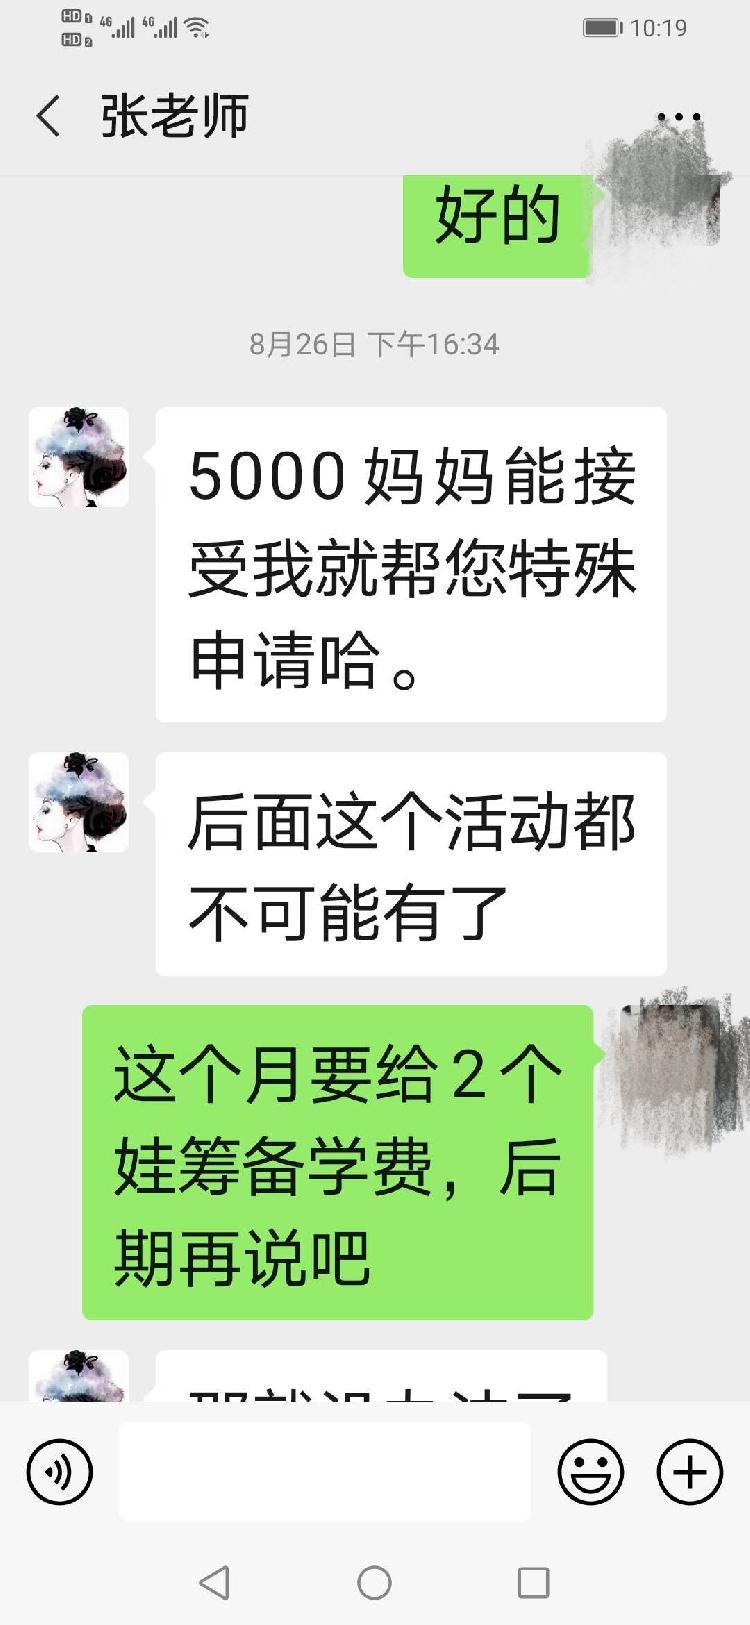 优胜教育龙湖校区被曝欠薪停业%0A家长怒斥:(5193637)-20200911195447.jpg